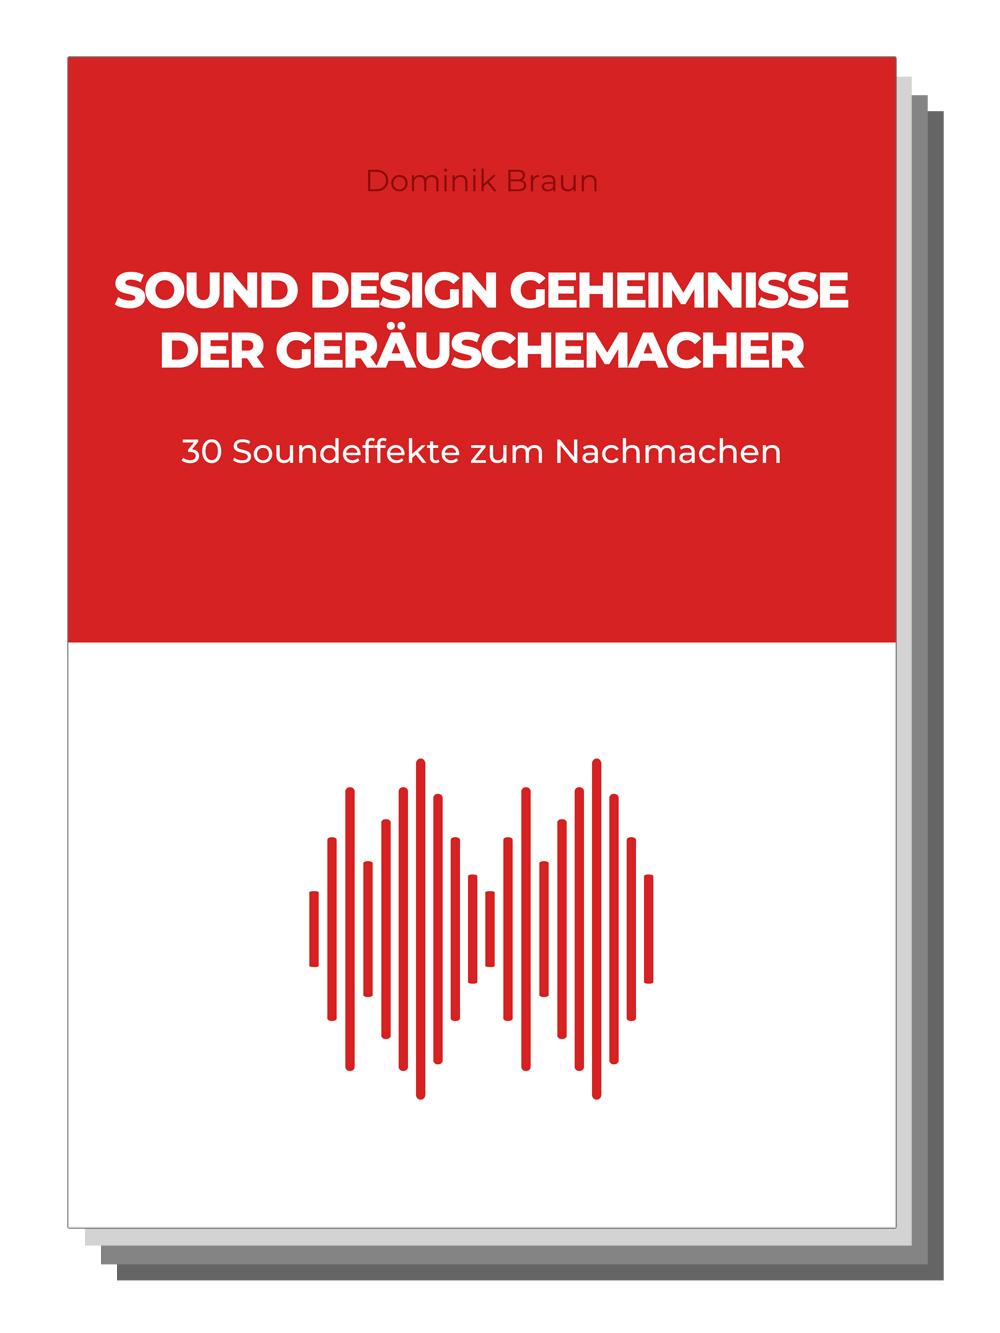 Sound Design Geheimnisse der Geräuschemacher Cover